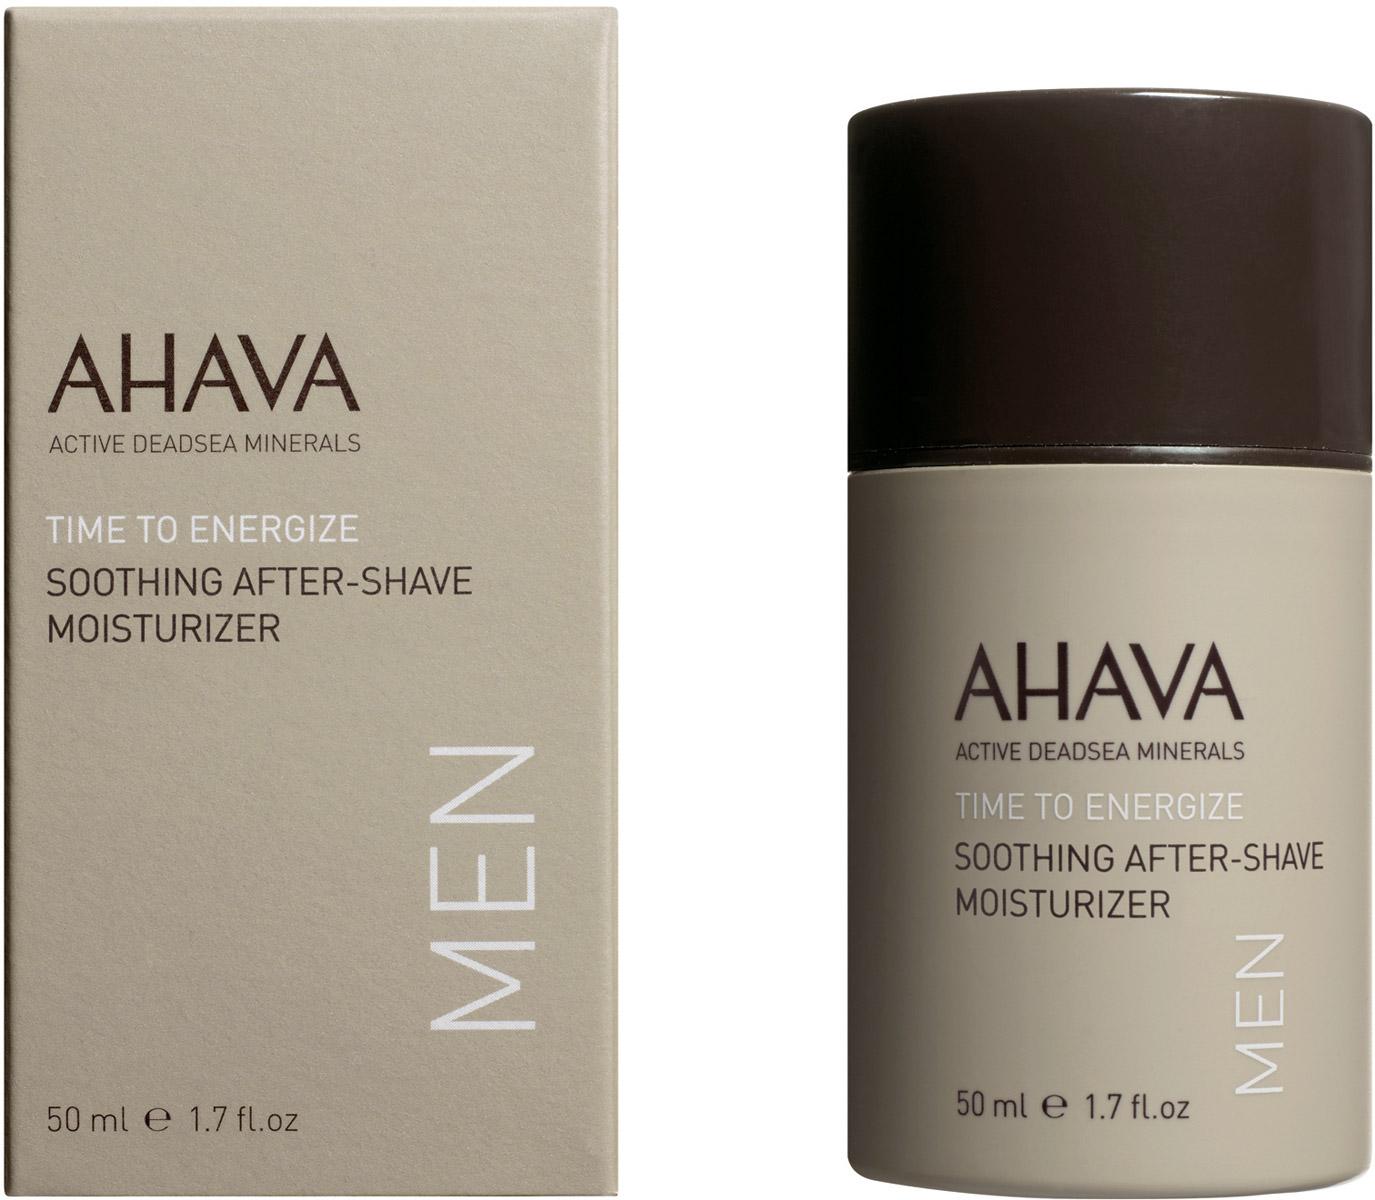 Ahava Time To Energize Успокаивающий увлажняющий крем после бритья 50 мл87115065Освежающий быстро впитывающийся увлажняющий крем, обогащенный минералами Мертвого моря, успокаивает и смягчает кожу после бритья. Серия косметической продукции АХАВА для мужчин призвана улучшить внешний вид кожи и цвет лица, сделать кожу гладкой.